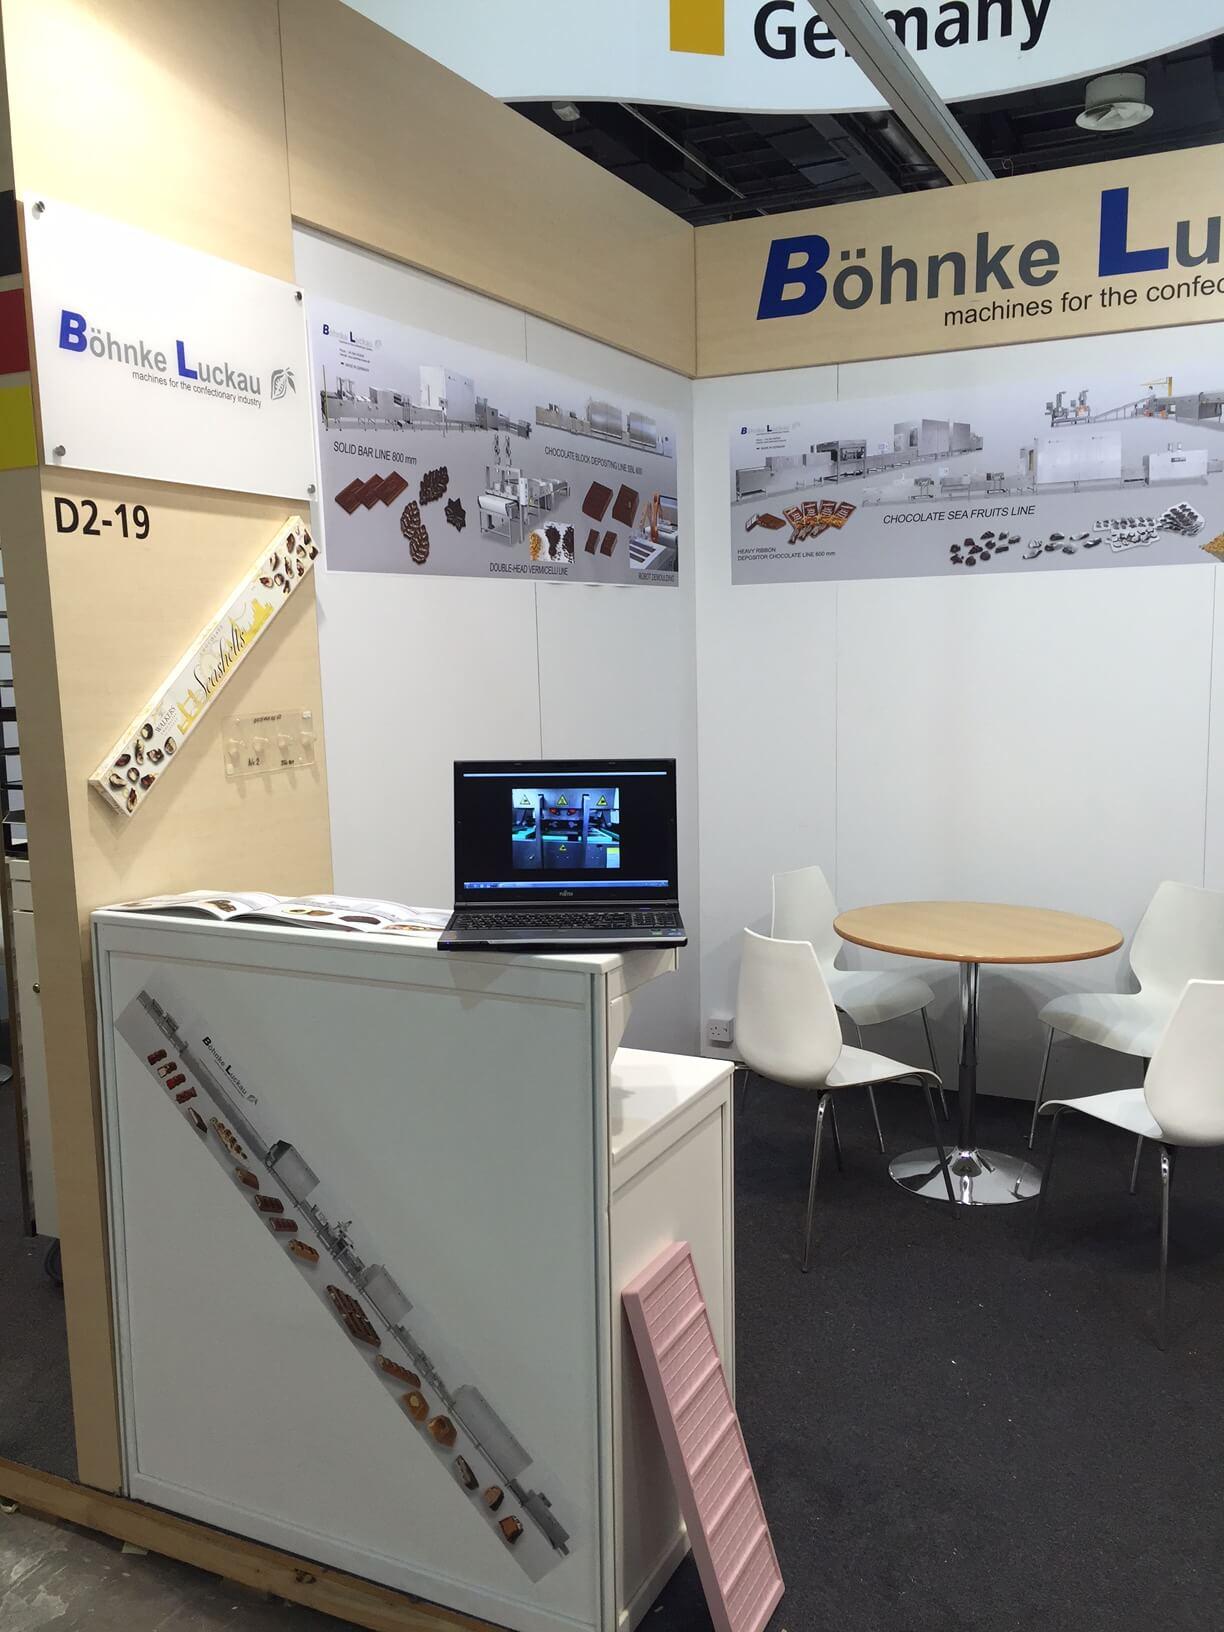 Böhnke & Luckau at the exhibition Dubai fair Gulfood Manufacturing 2016 3